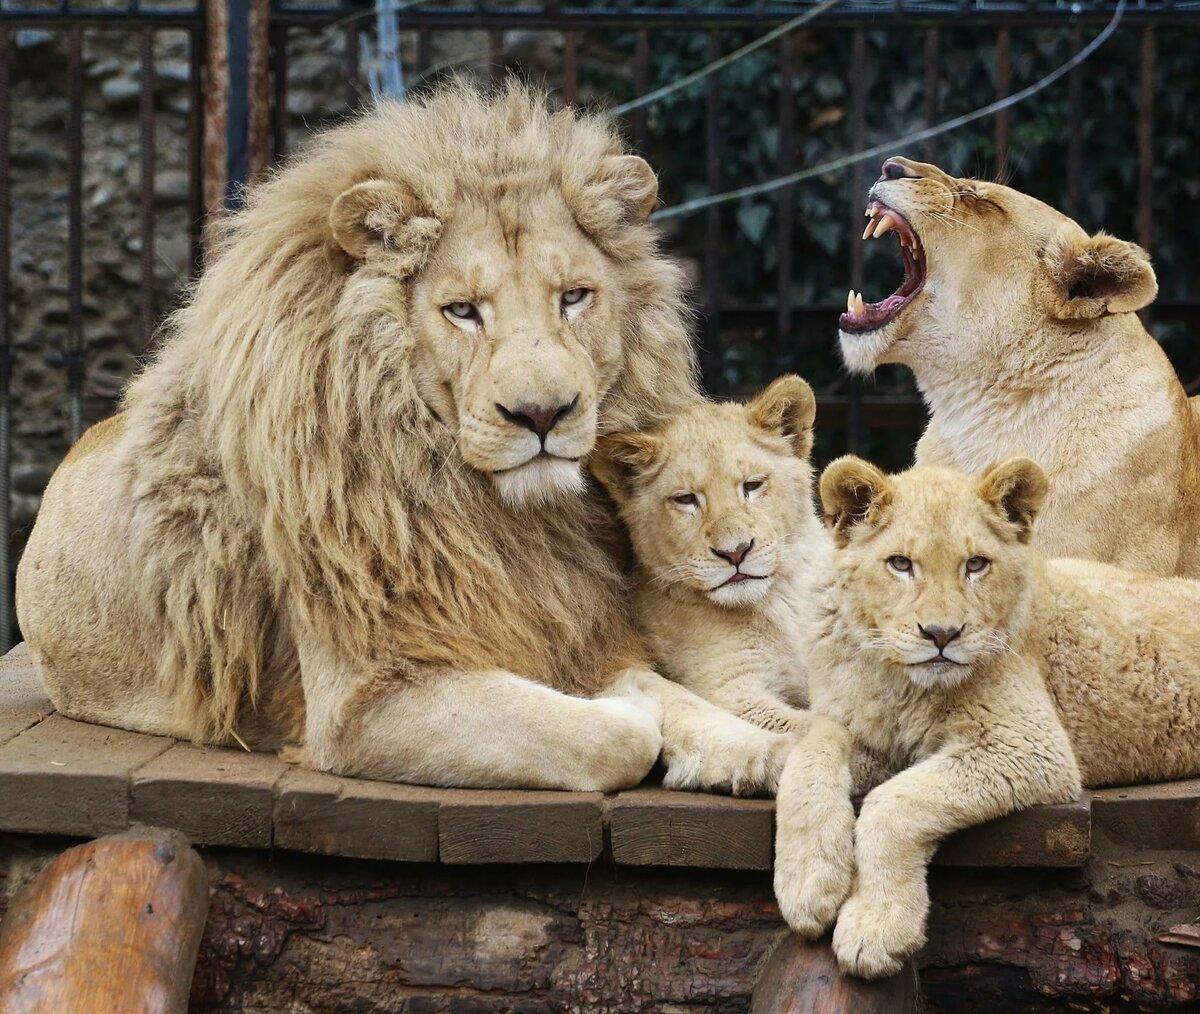 сами веточки картинки про львов семейство львов воздуха зоне расположения